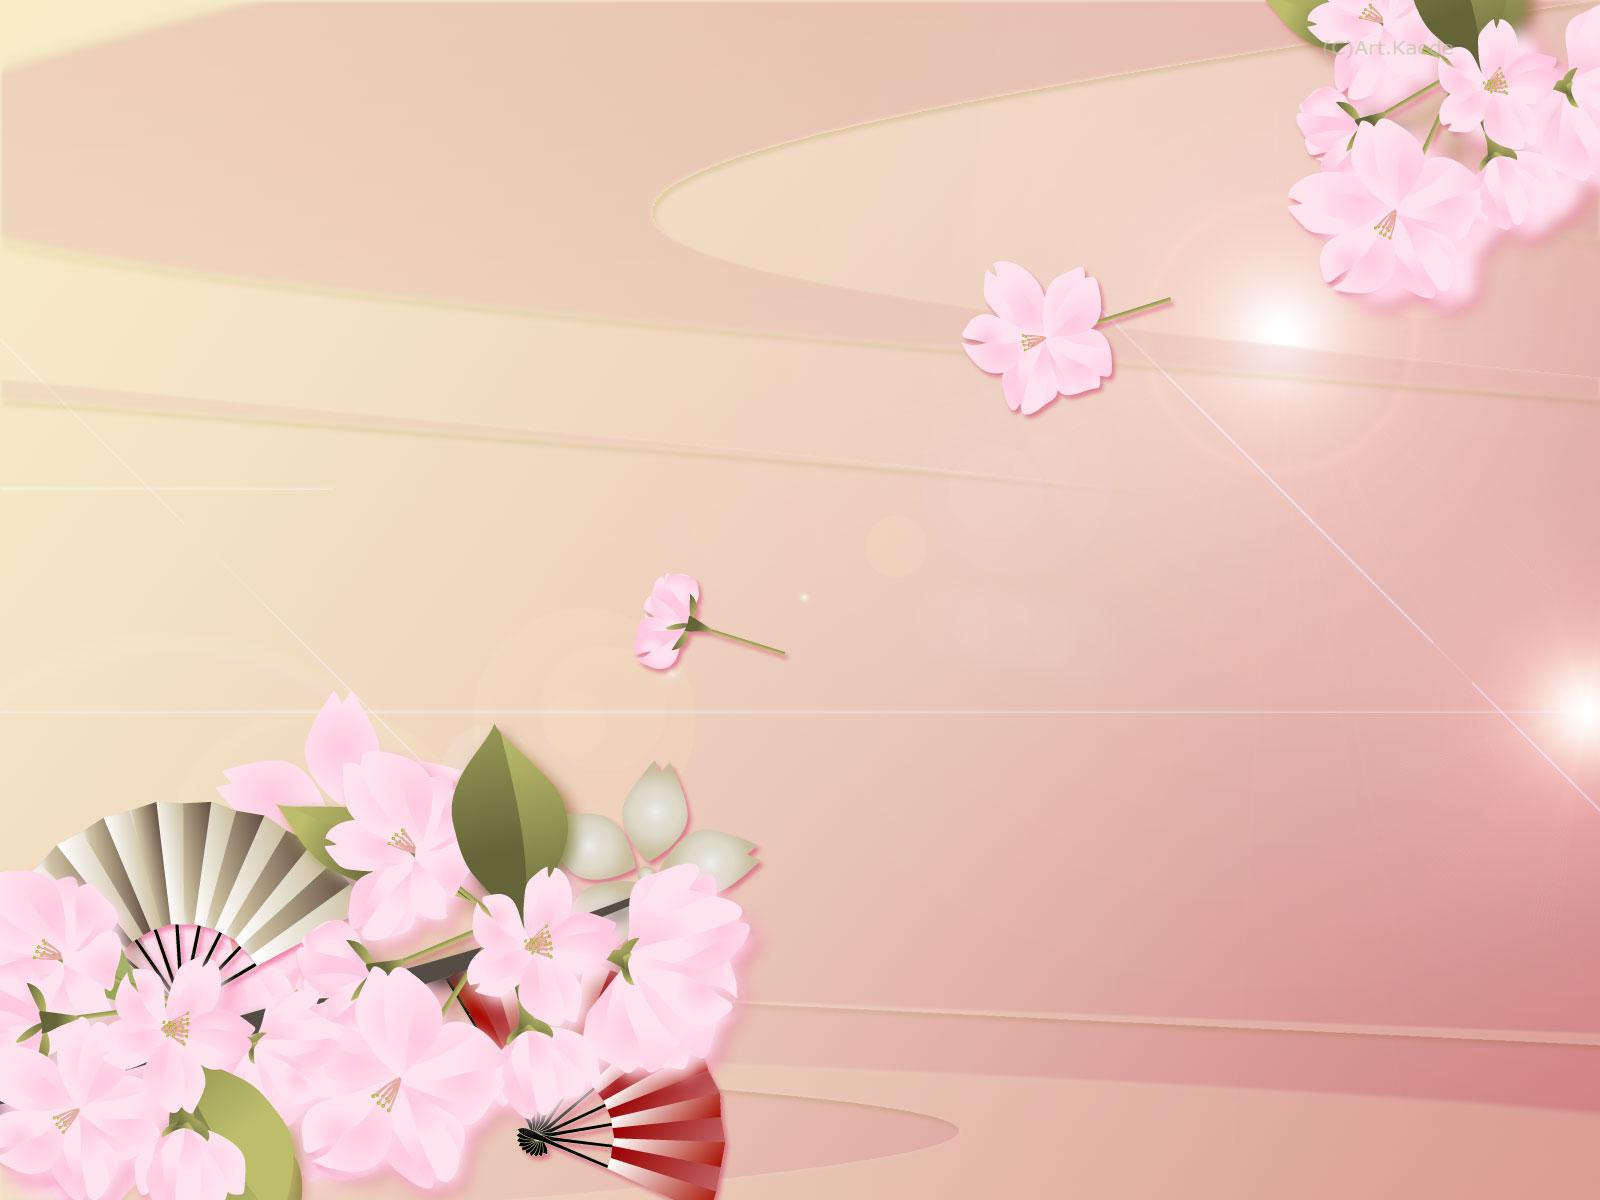 桜の花 デスクトップ壁紙art Jdt